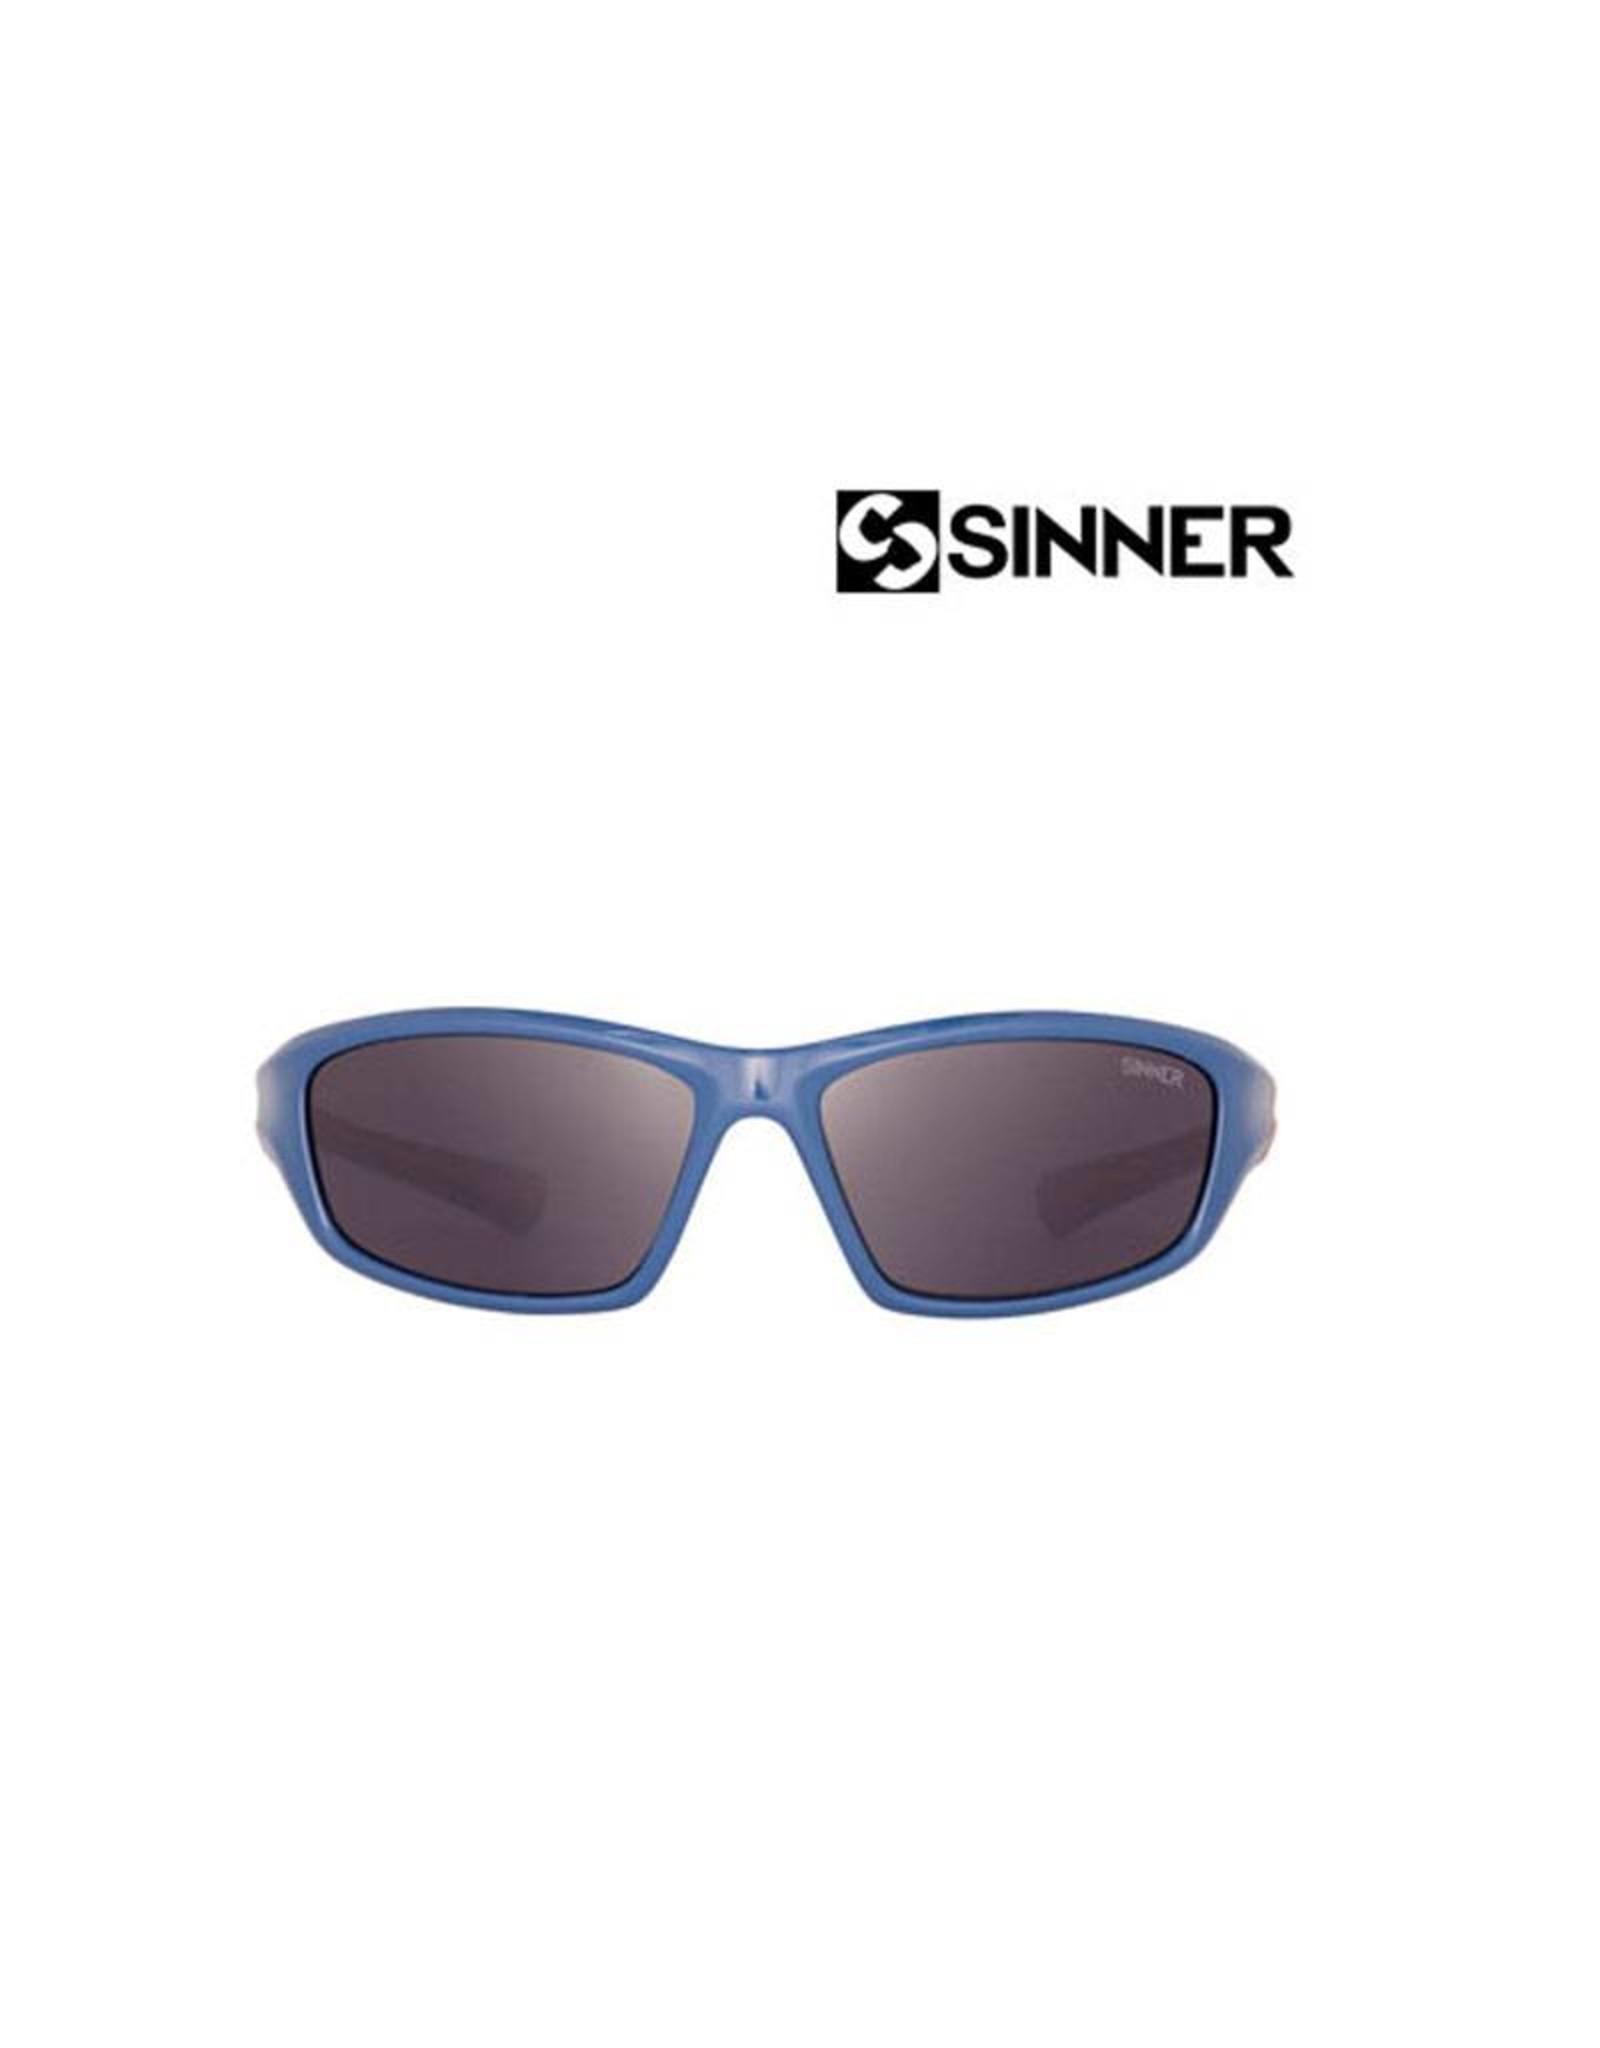 SINNER SINNER OKEMO shiny blue Zonnebril Uni (jr)